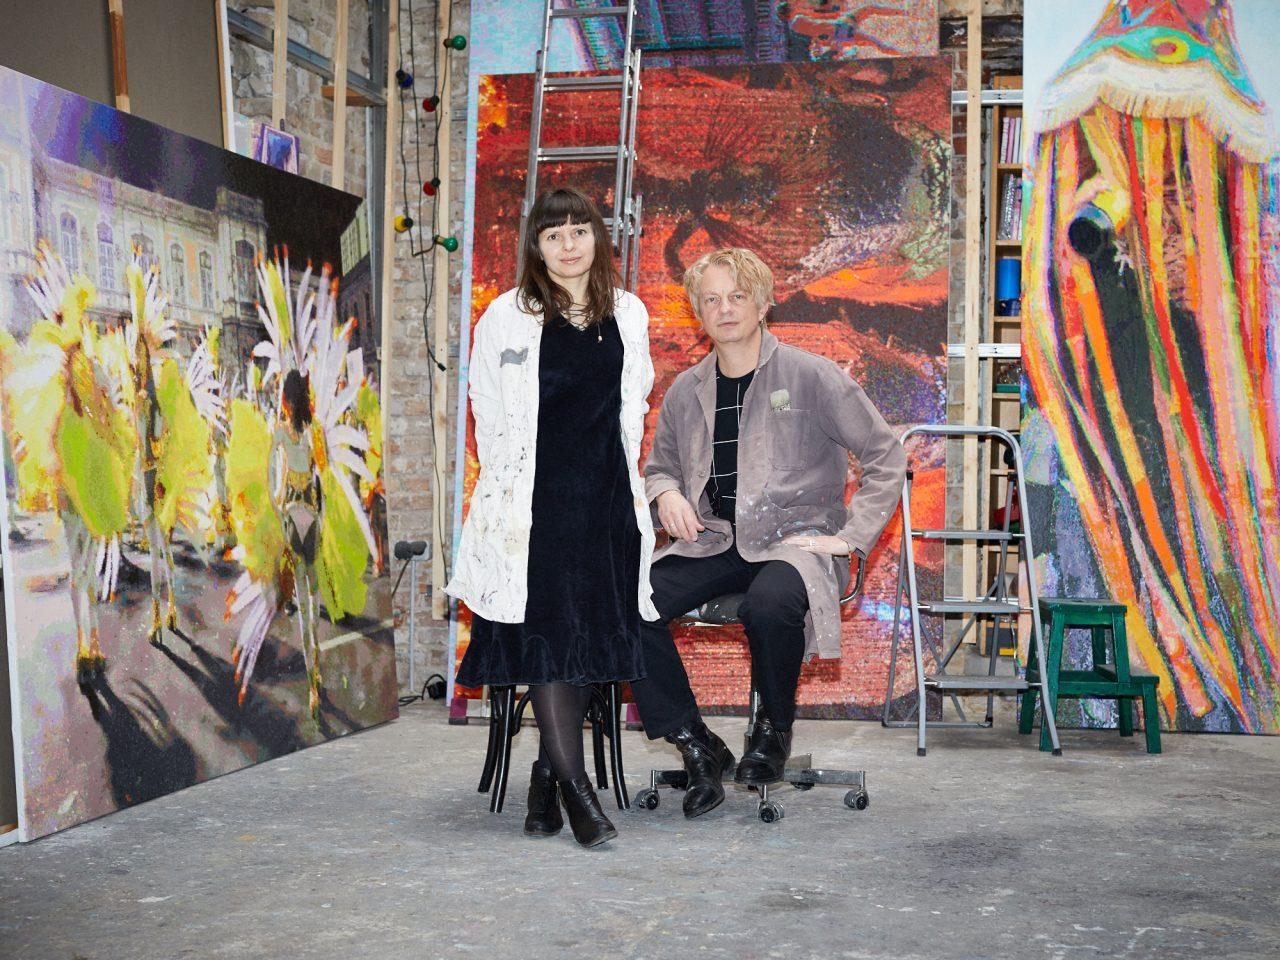 Römer + Römer in their studio, Photo: Marcus Witte, 2017